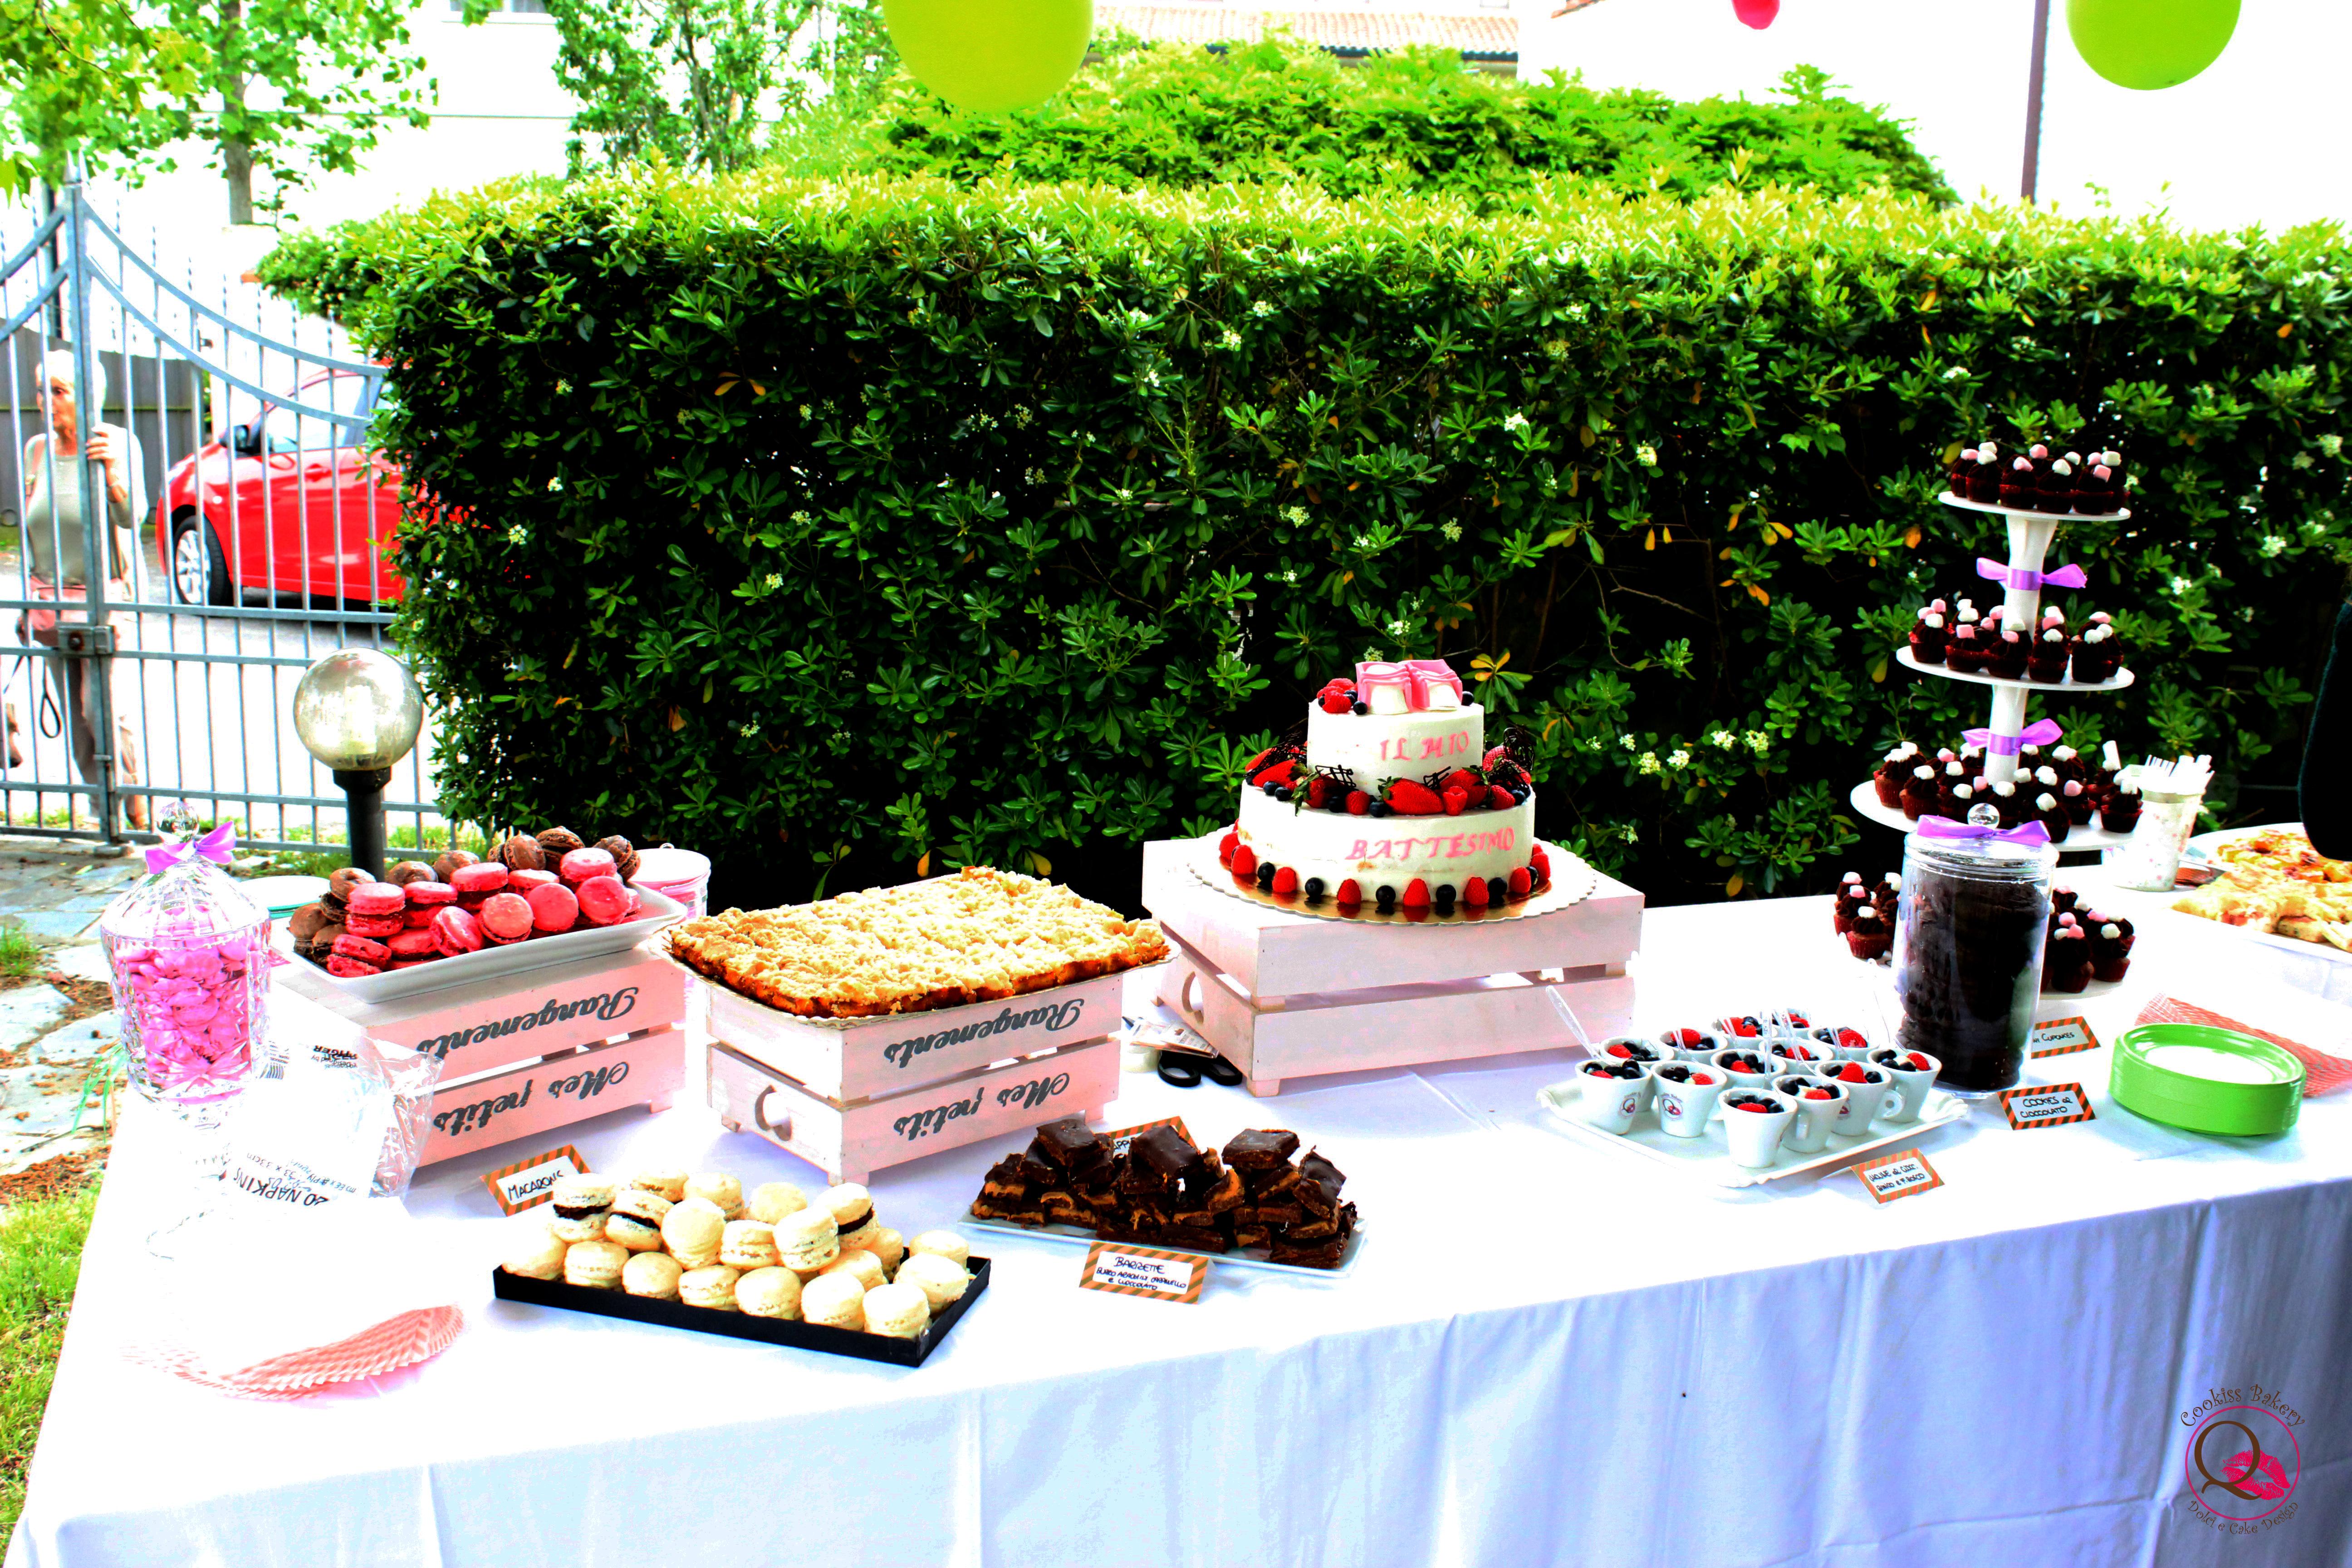 Buffet Di Dolci Battesimo : Il battesimo di elena il buffet dolce cookiss bakery